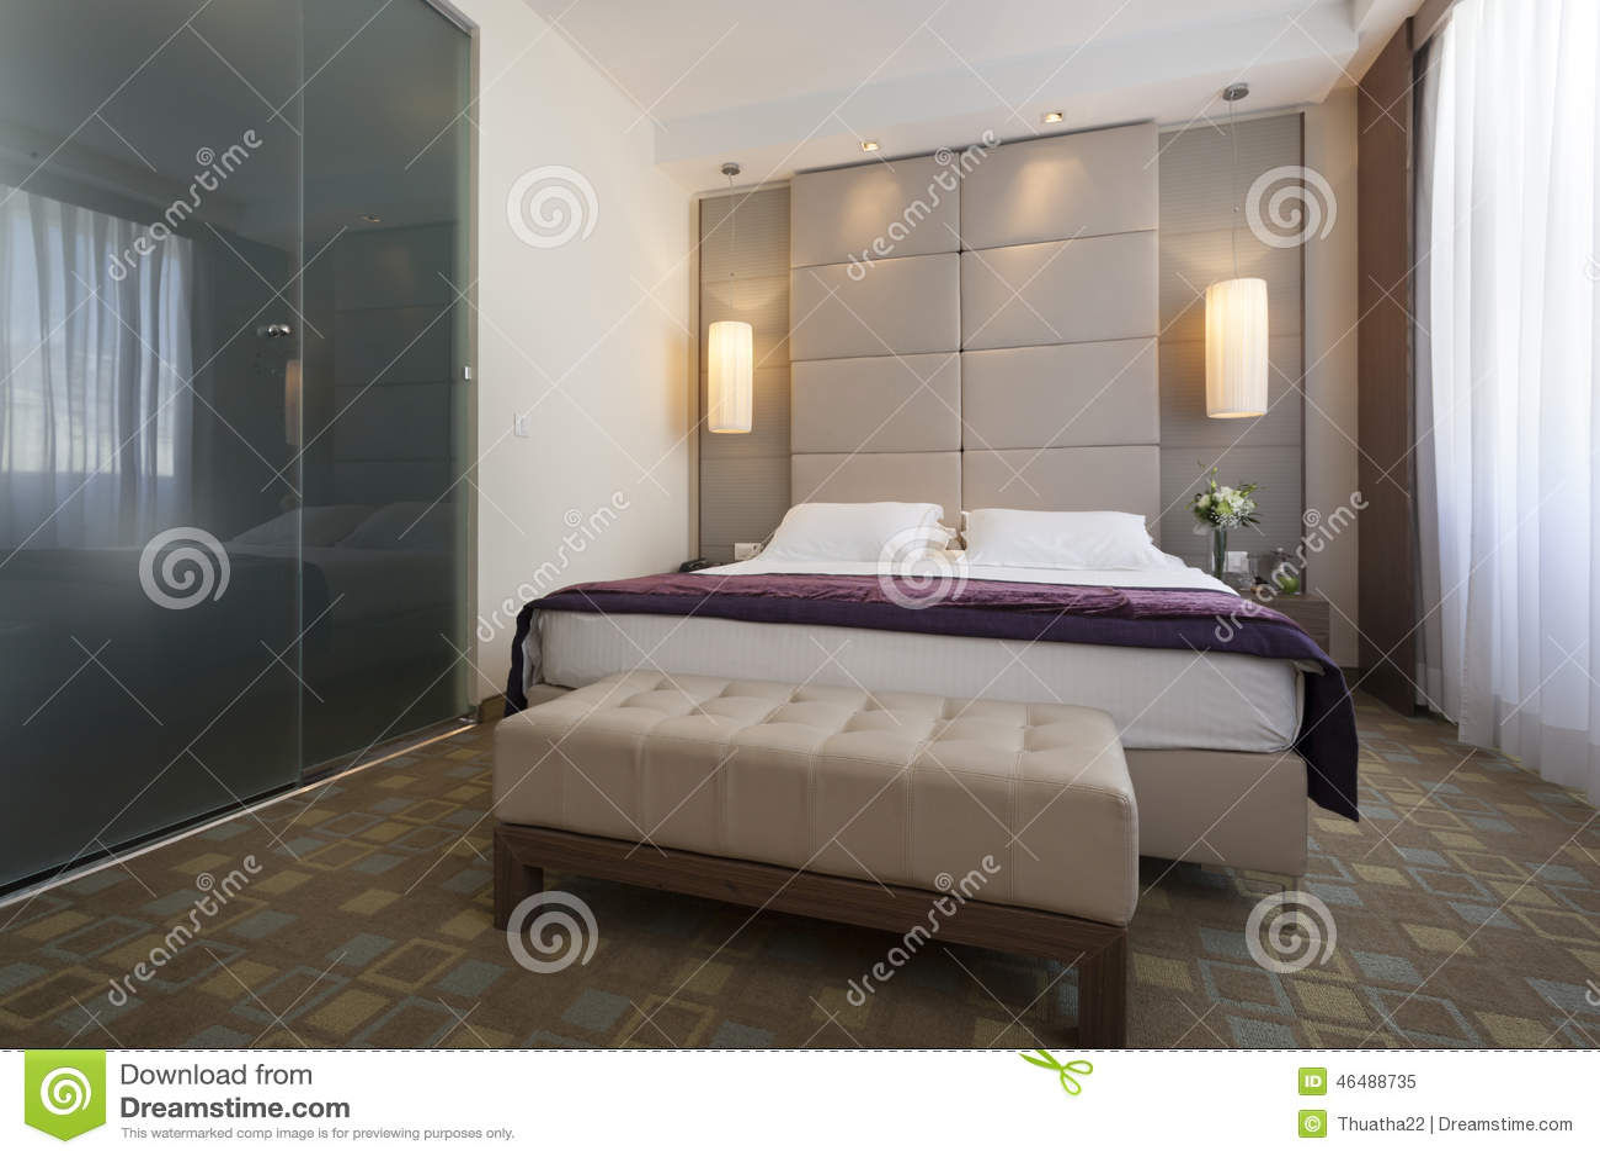 Int rieur d 39 une chambre coucher d 39 h tel de luxe avec la for Chambre a coucher 93